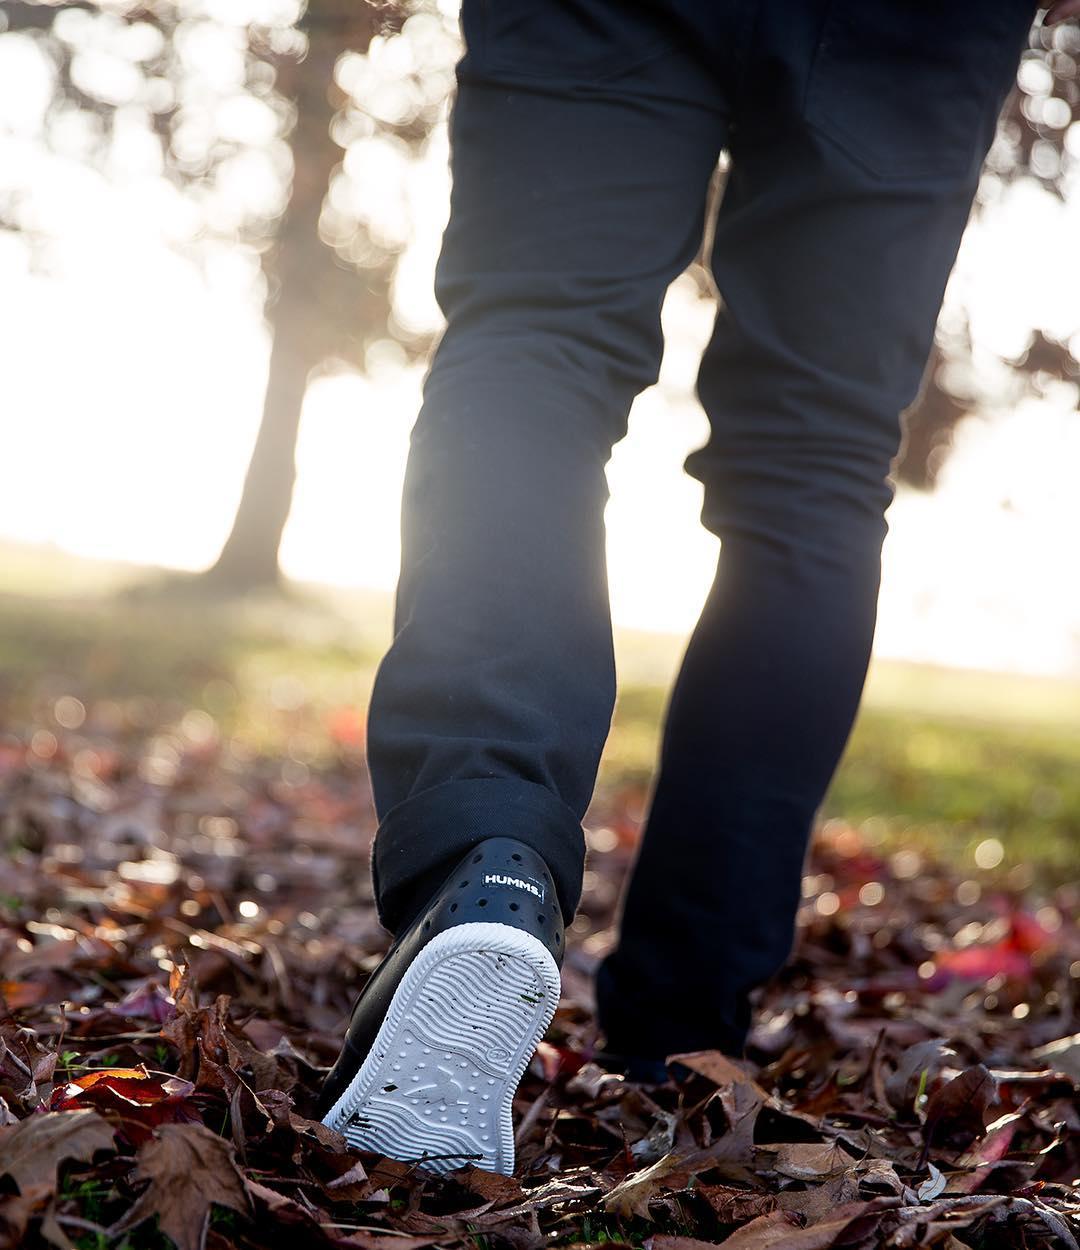 Un fin de semana largo, se transita más lento. Camínalo más cómodo con tus #HUMMS